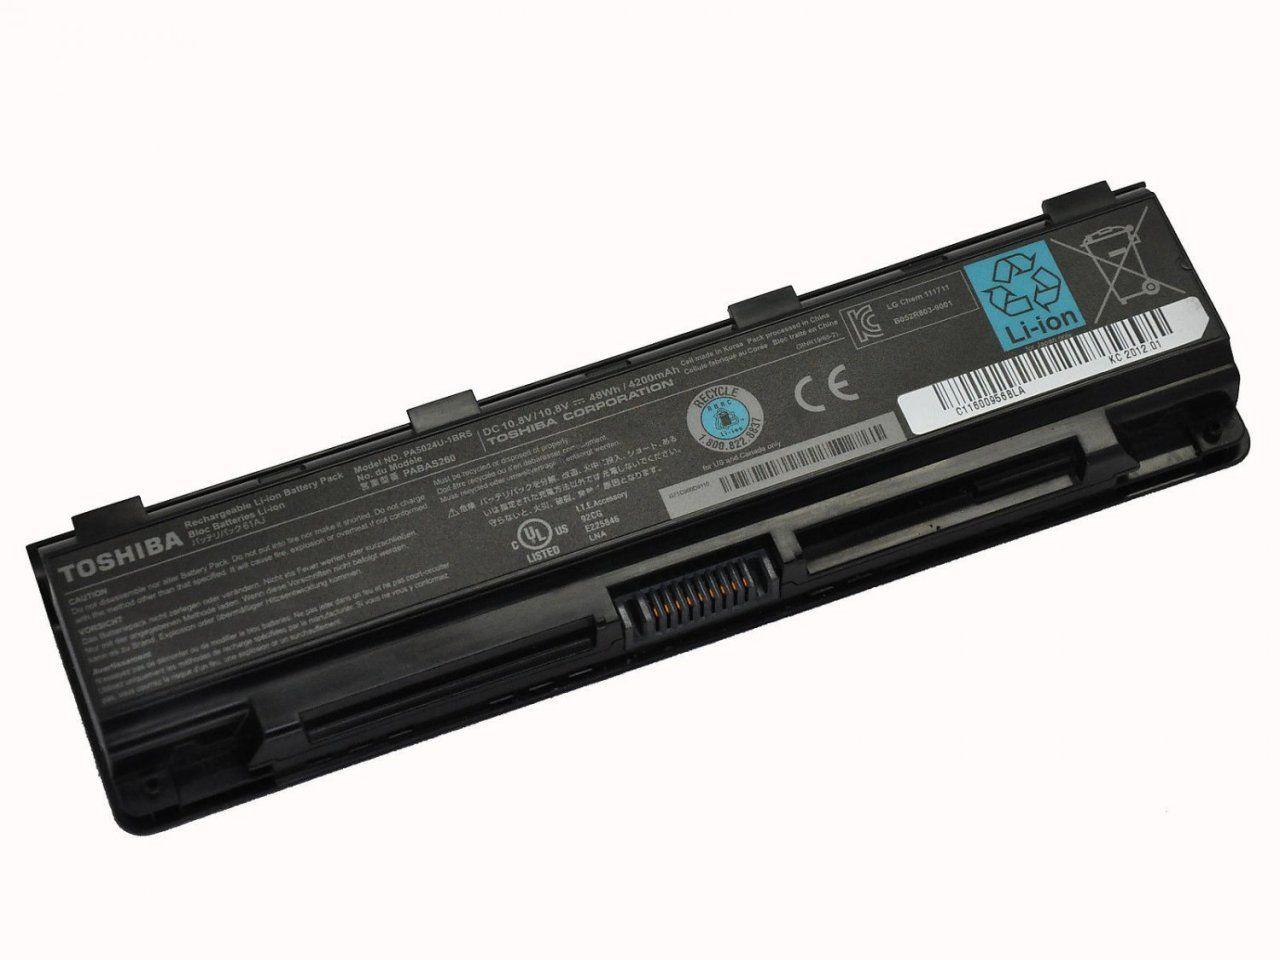 Toshiba P870 P875 Batarya